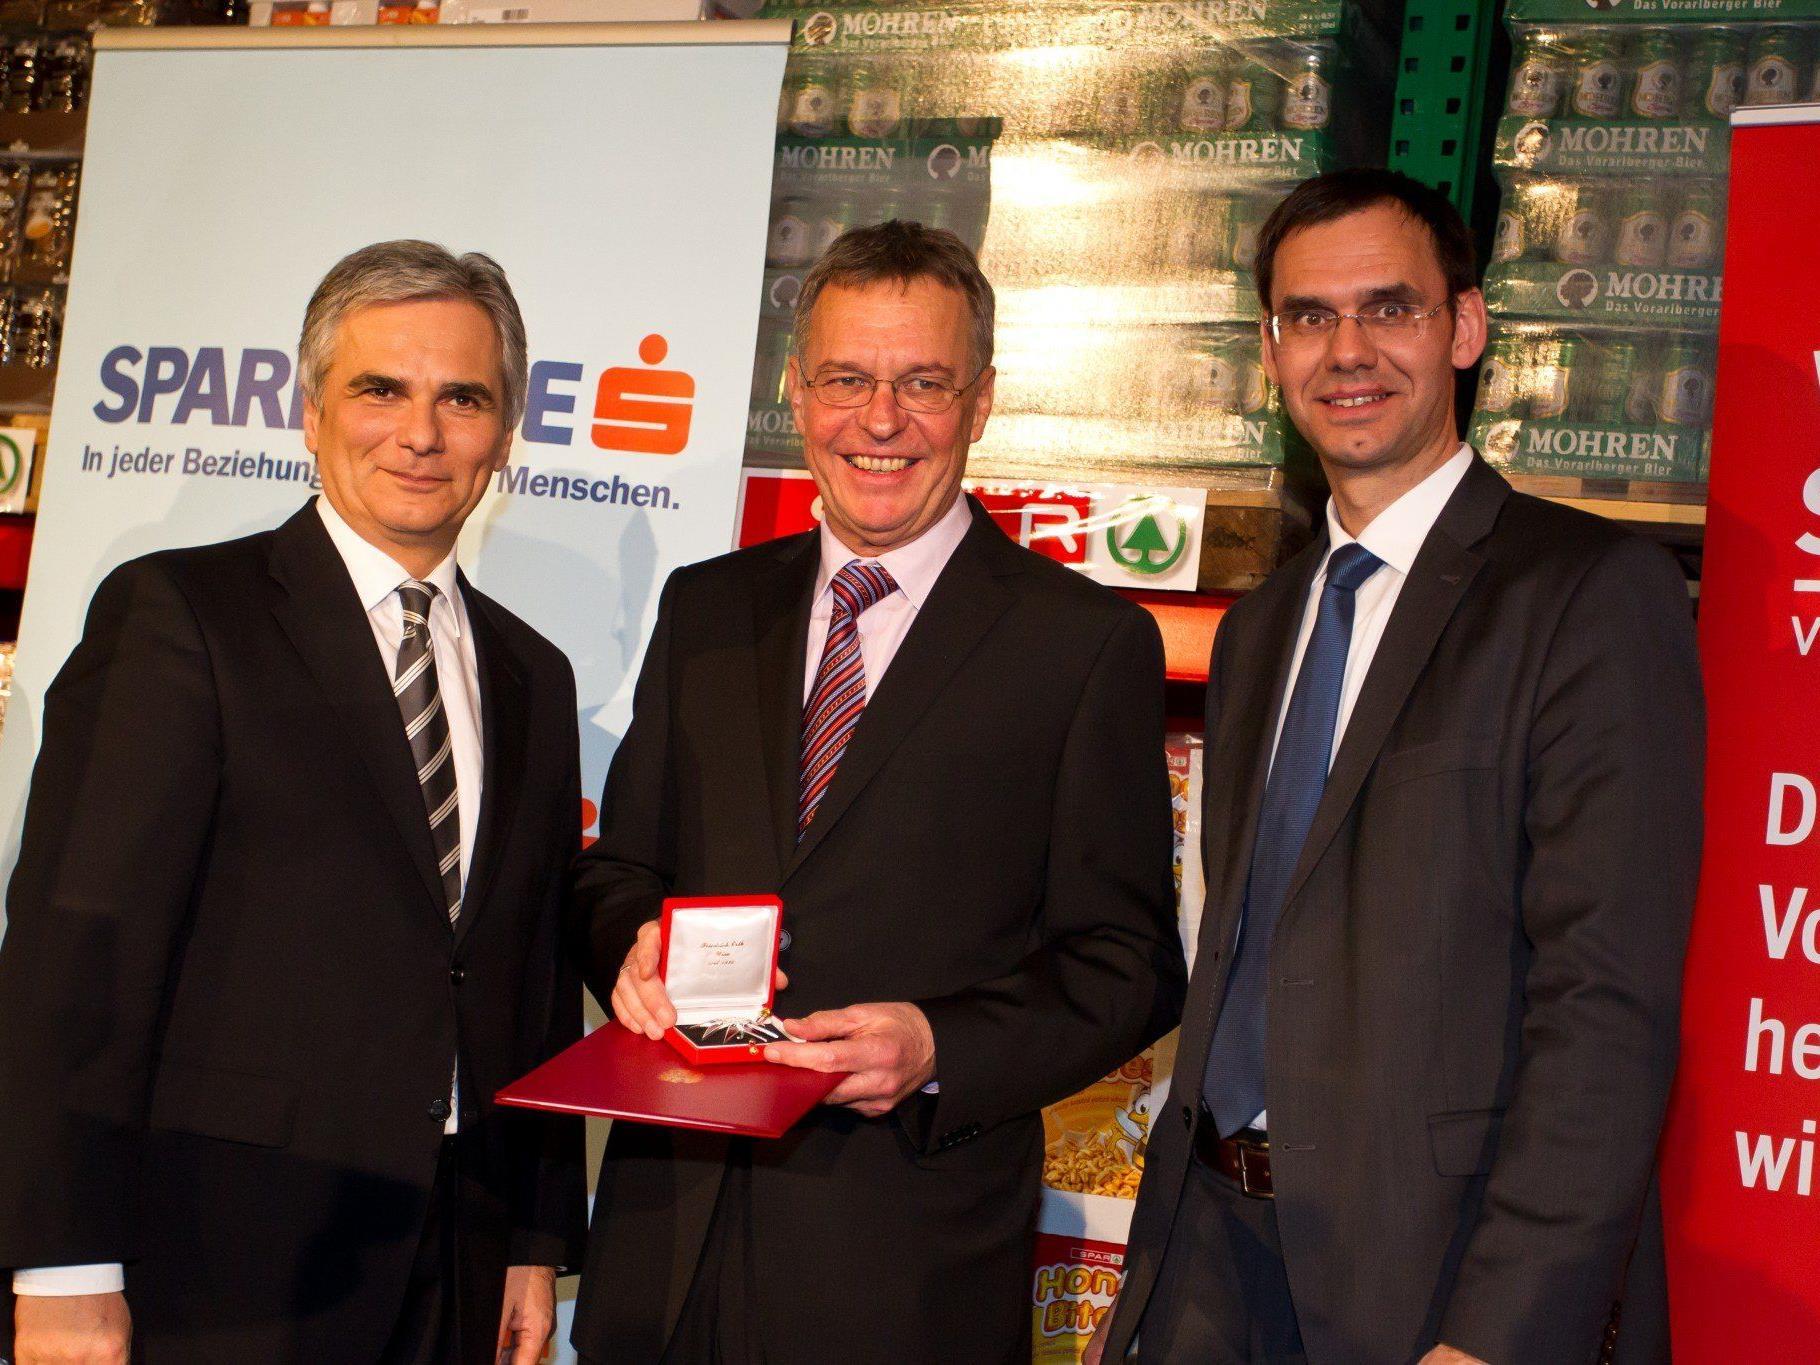 Preisträger Georg Comploj (Mitte) mit Bundeskanzler Faymann (l.) und Landeshauptmann Wallner (r.).